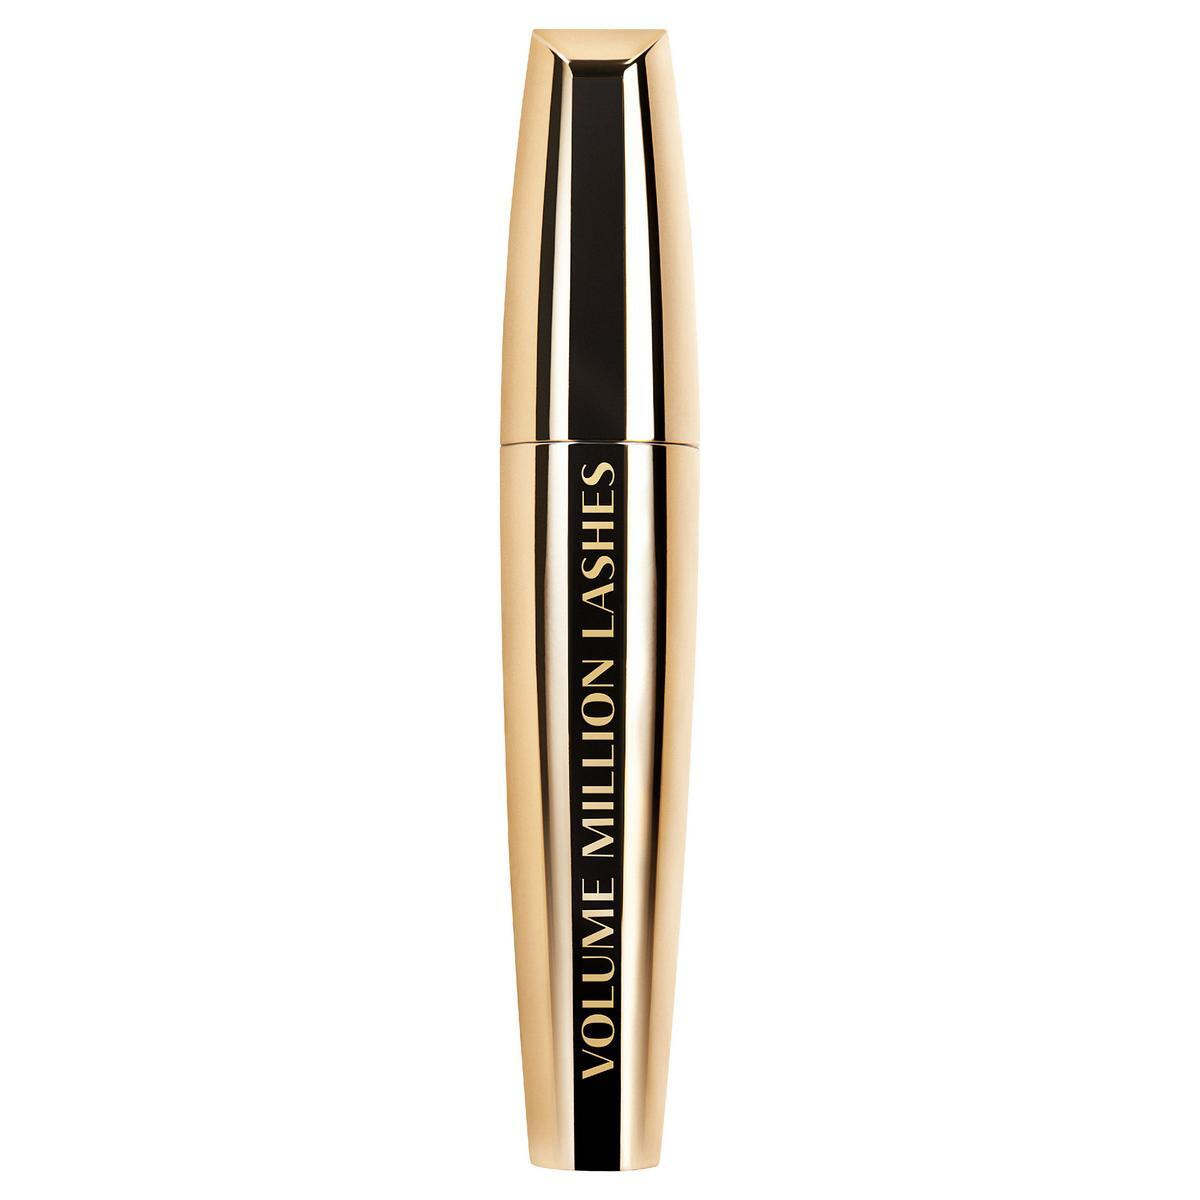 """Тушь для ресниц L'Oreal Paris """"Объем миллиона ресниц Gold"""", для объема и разделения, оттенок 04, цвет: #1"""